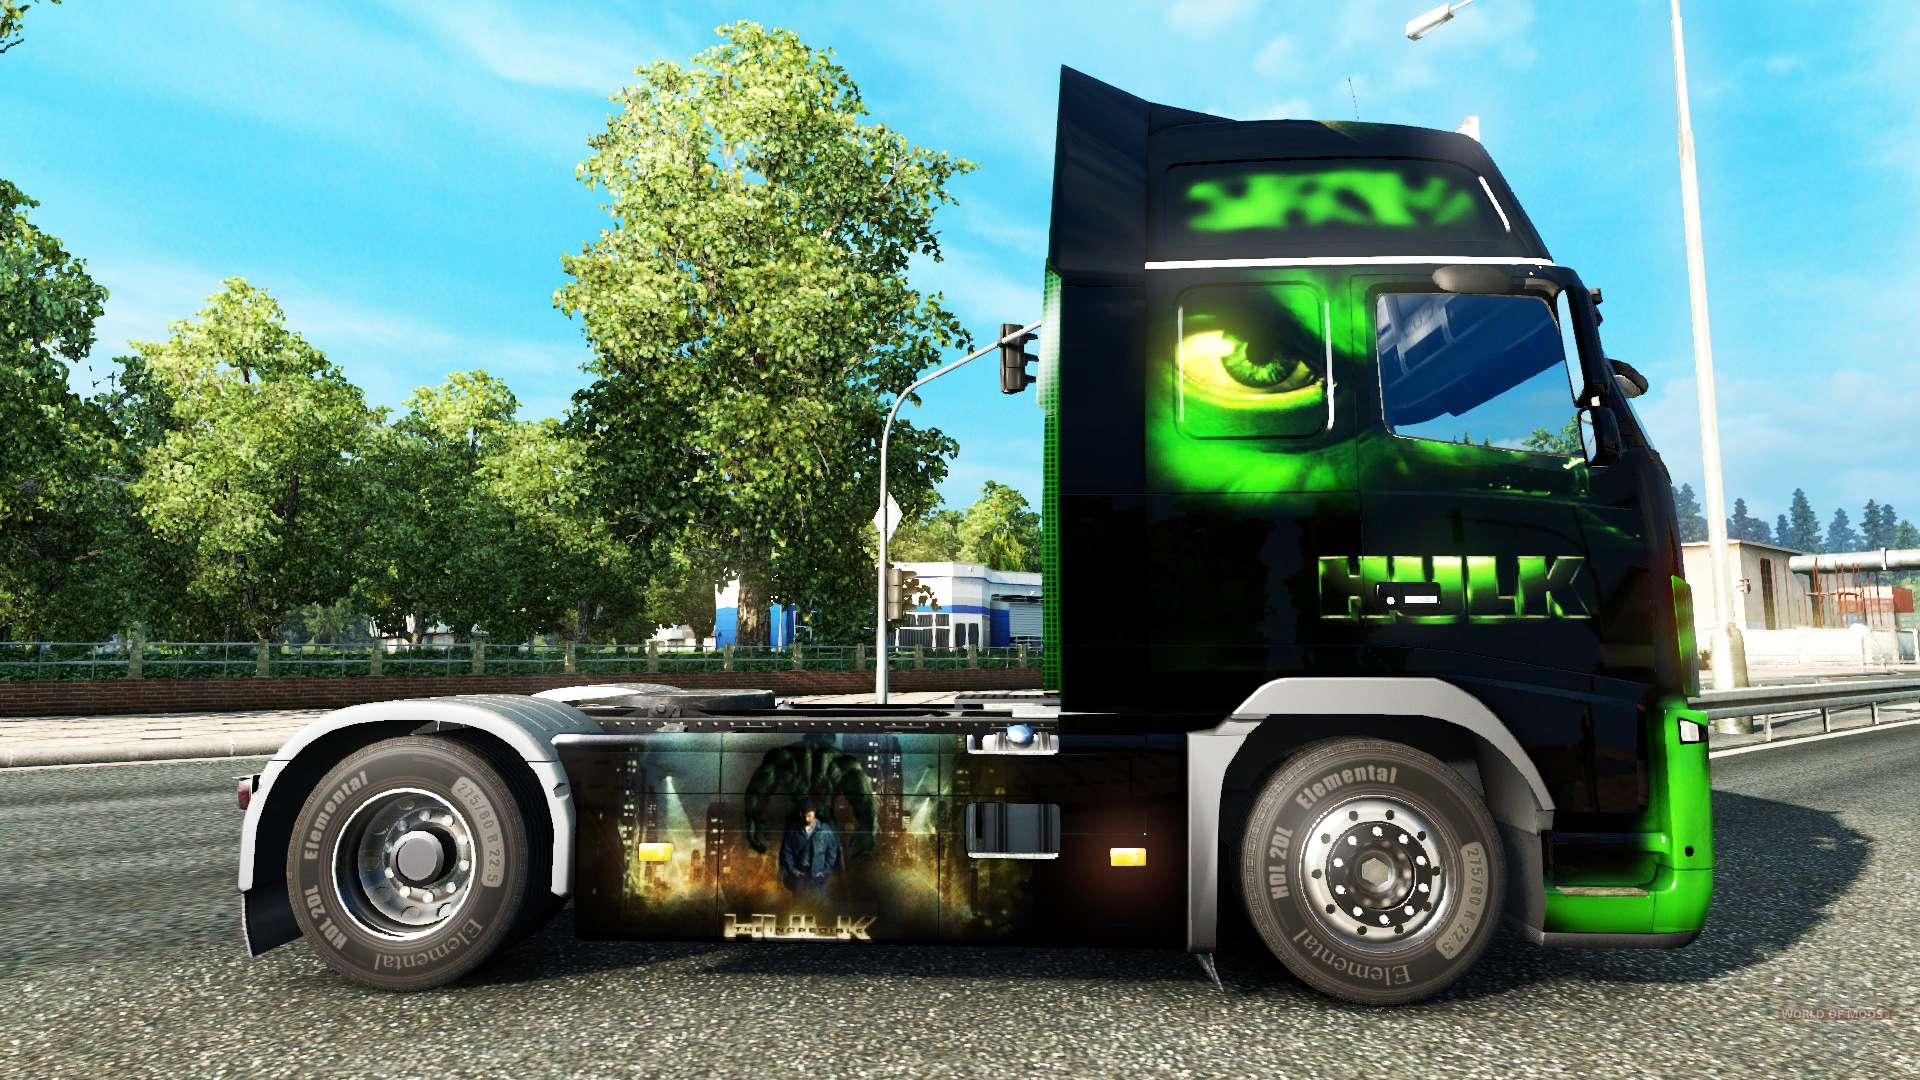 Les plus beau camion  190297-eurotrucks2-2016-03-04-23-23-23-797